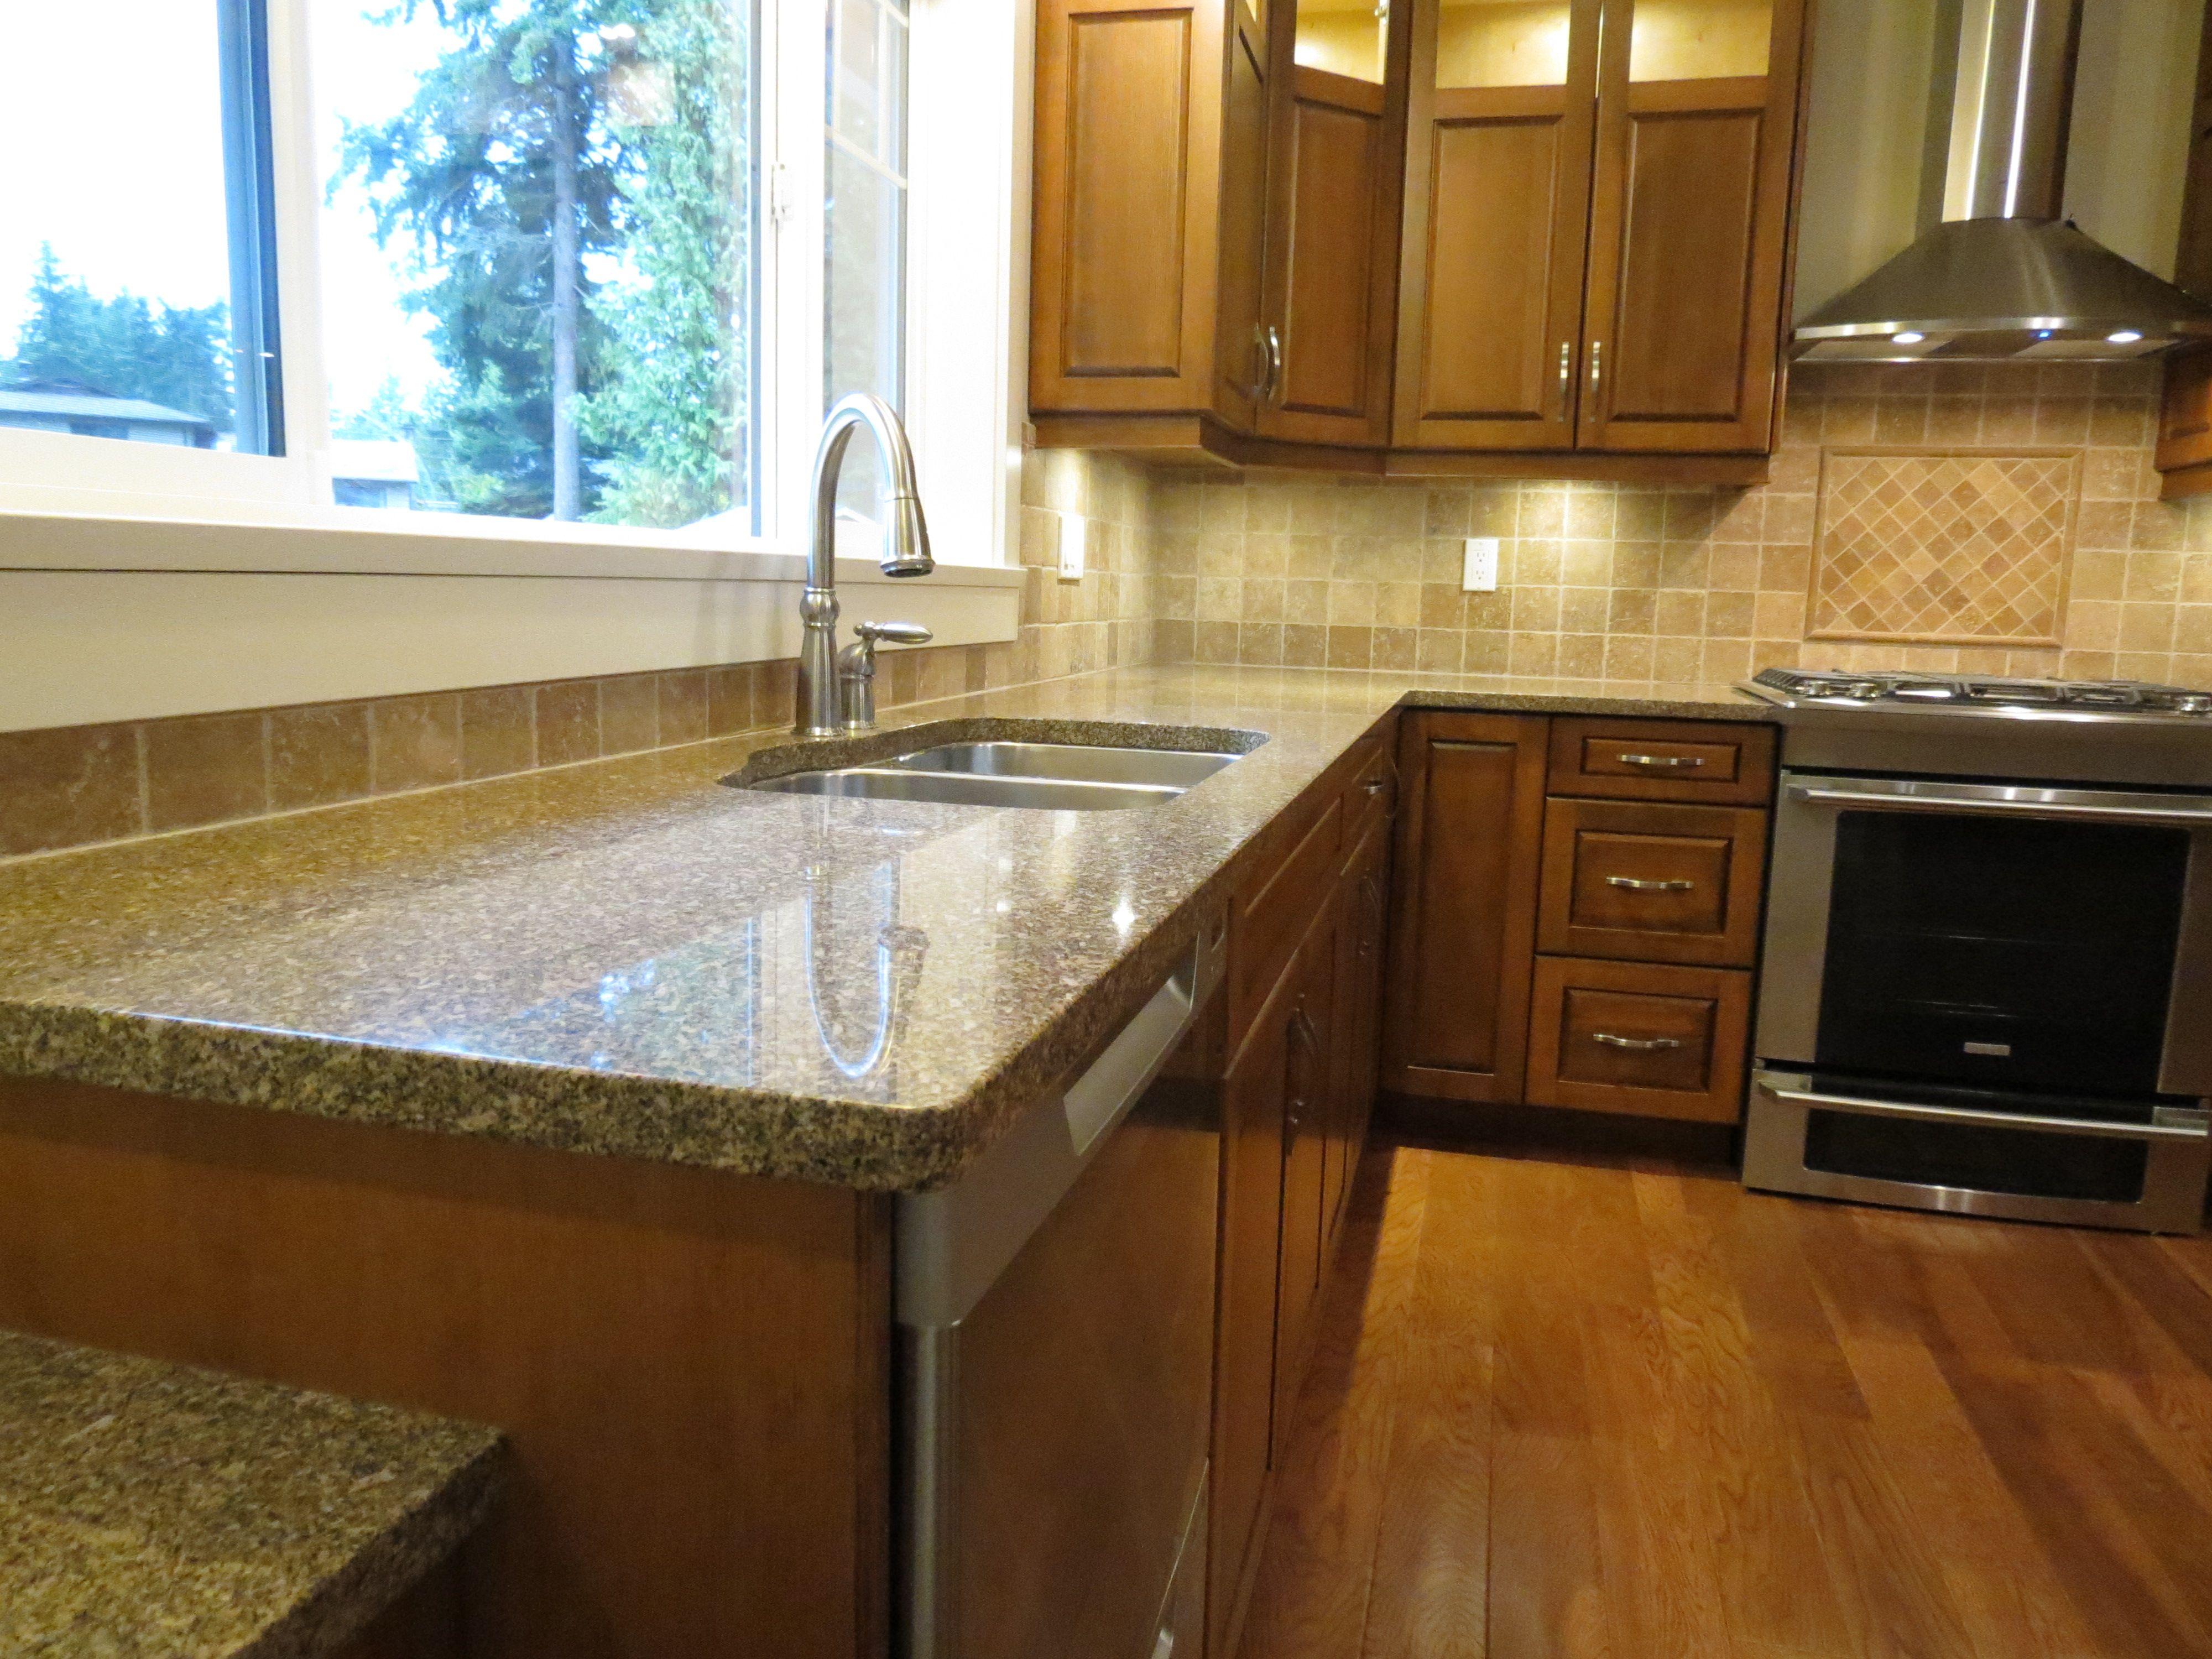 Charming Giallo Antico Granite Countertops